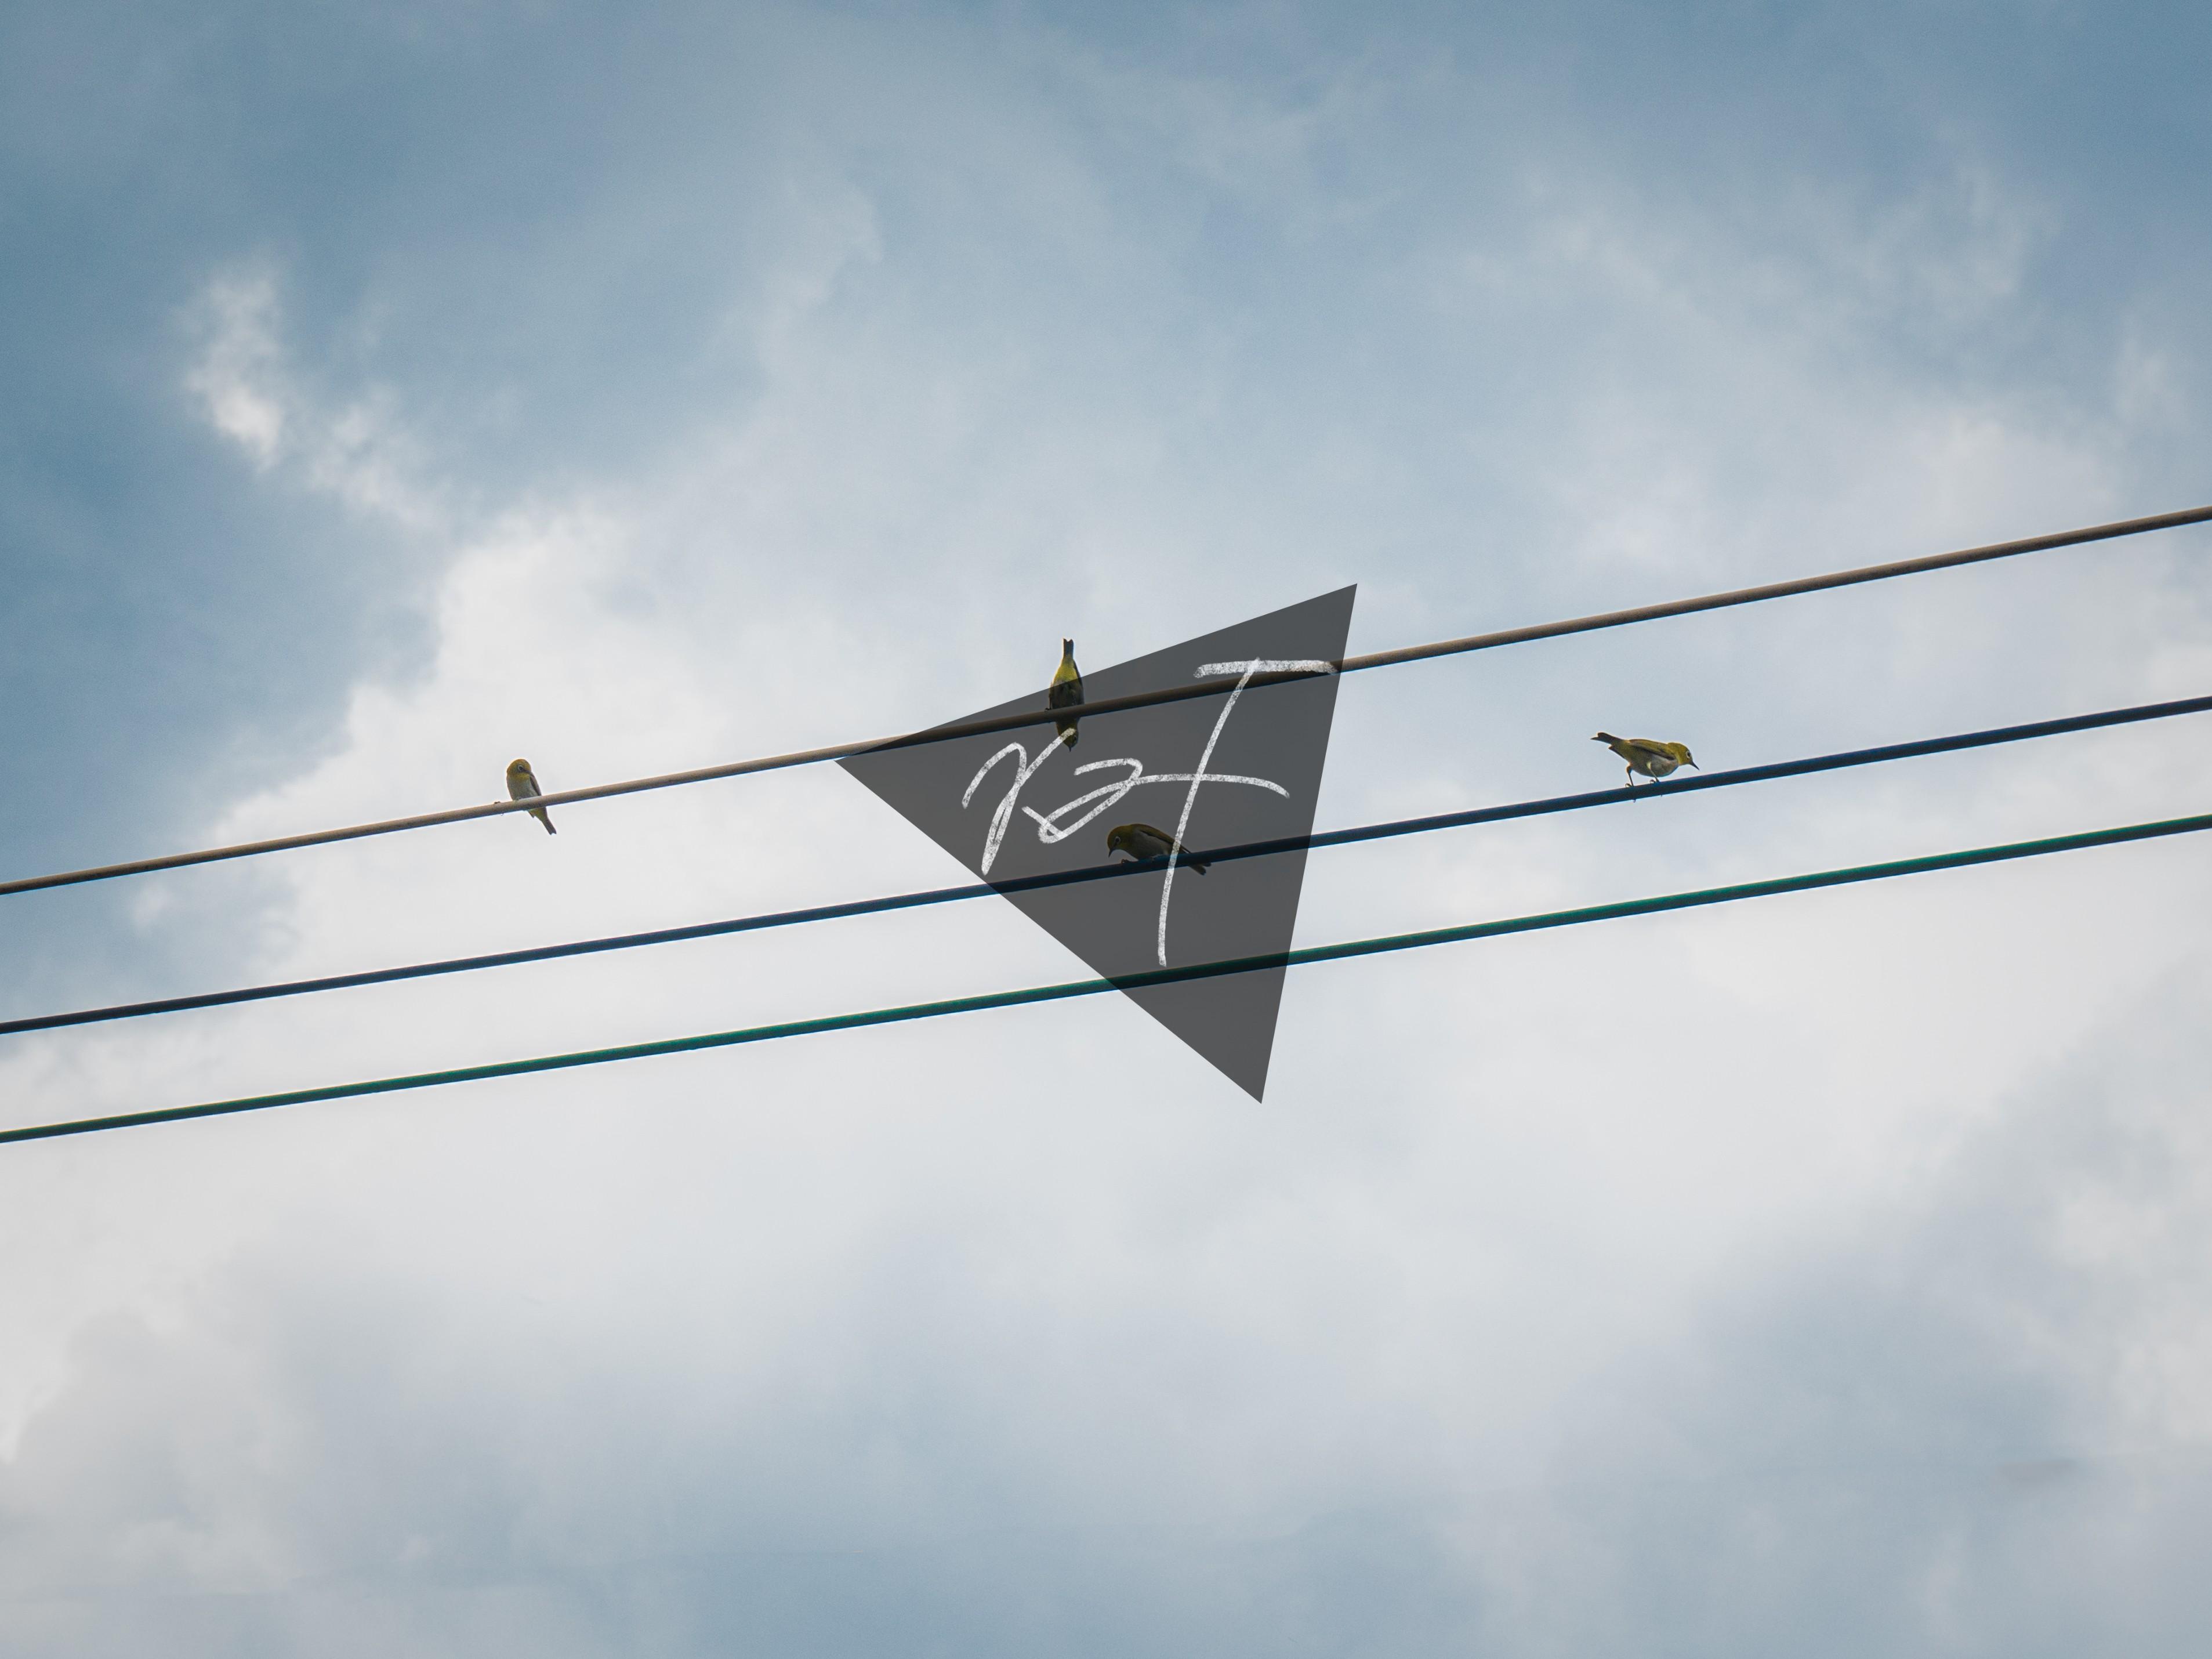 20190707-电线小鸟-min.jpg